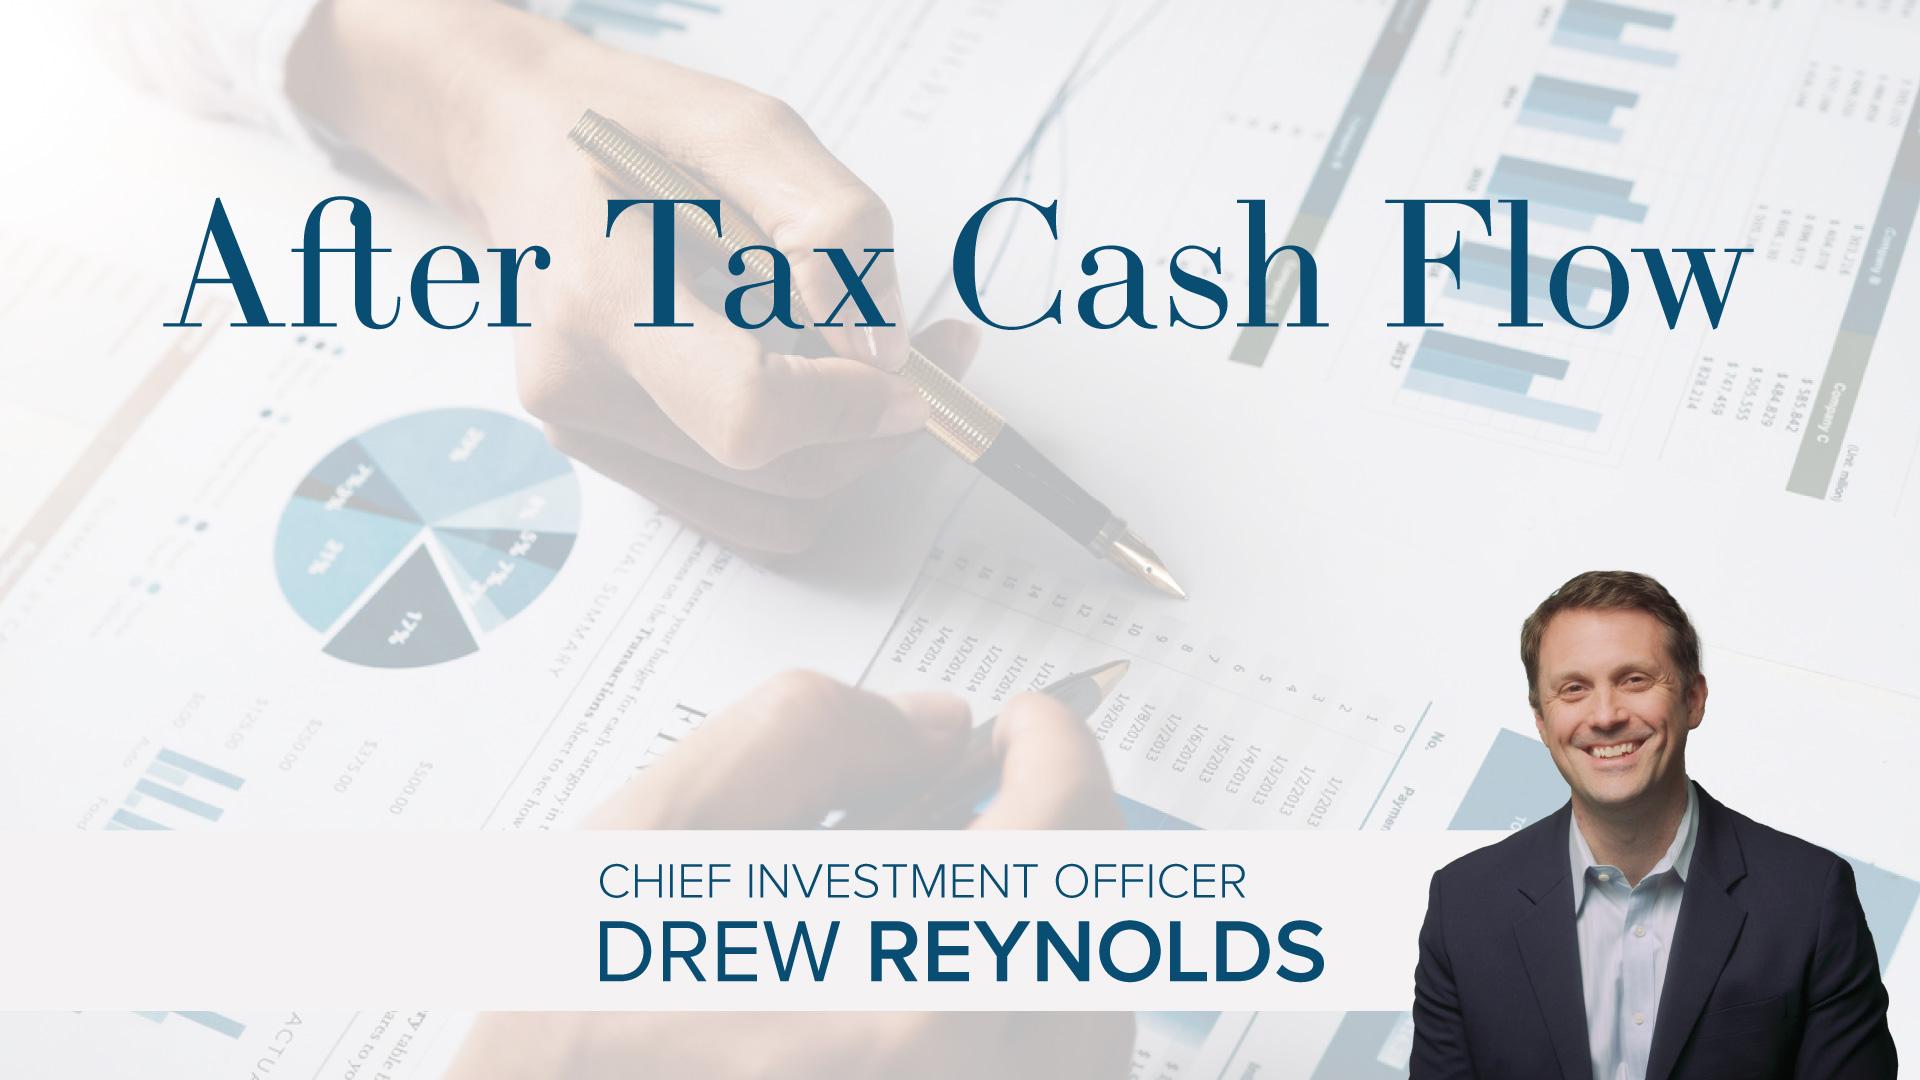 06 After Tax Cash Flow